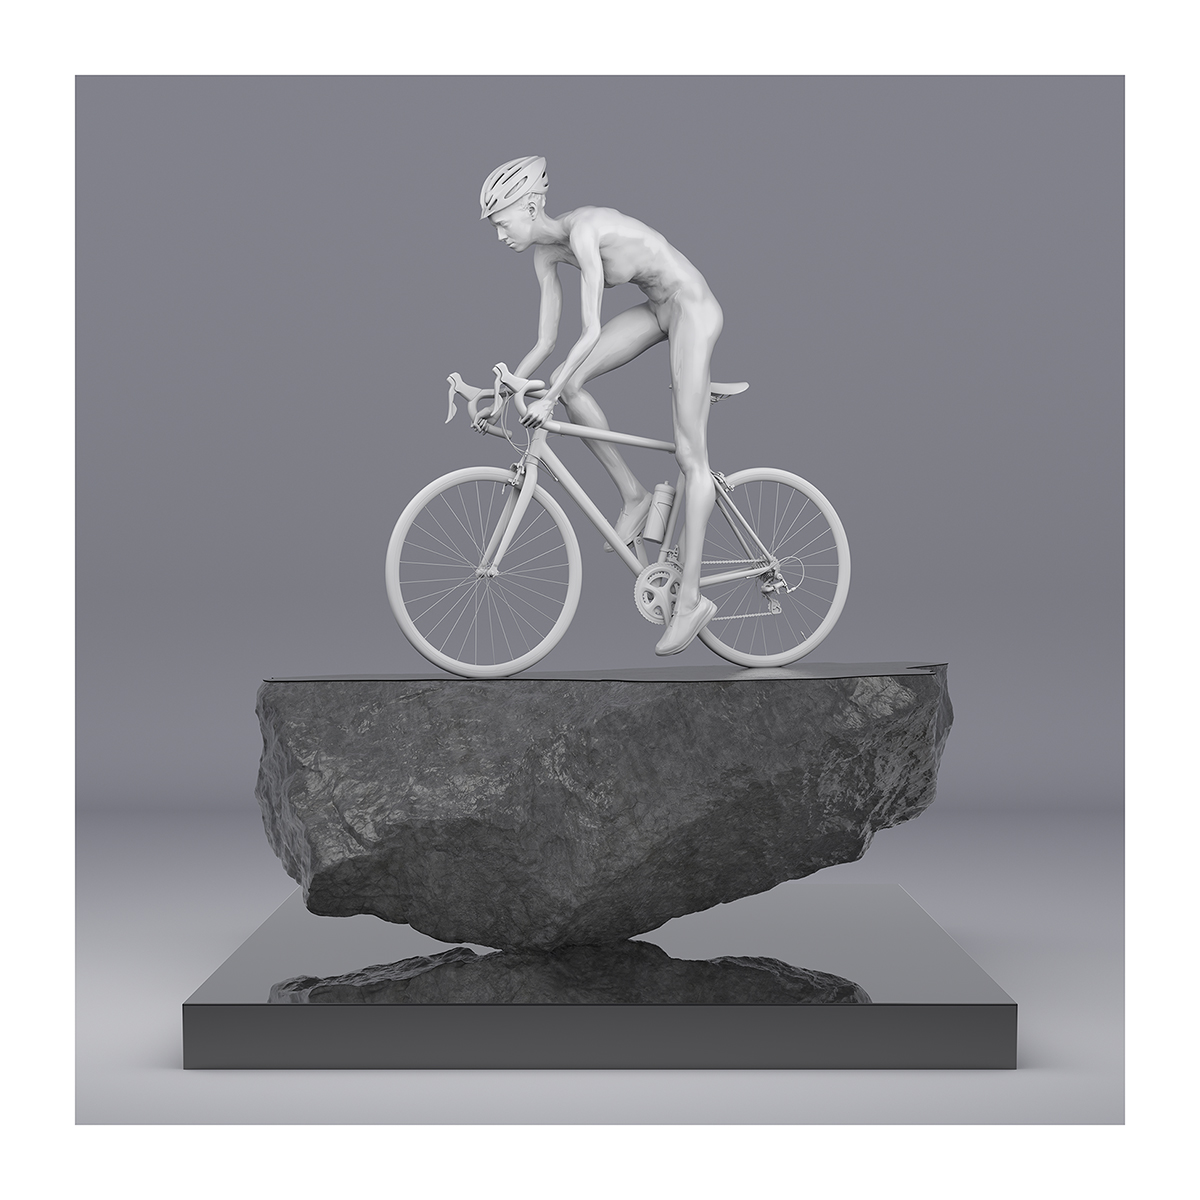 105 This was HomoSapiens Le Tour de France 006 - 2021 - This was HomoSapiens. Le Tour de France. I